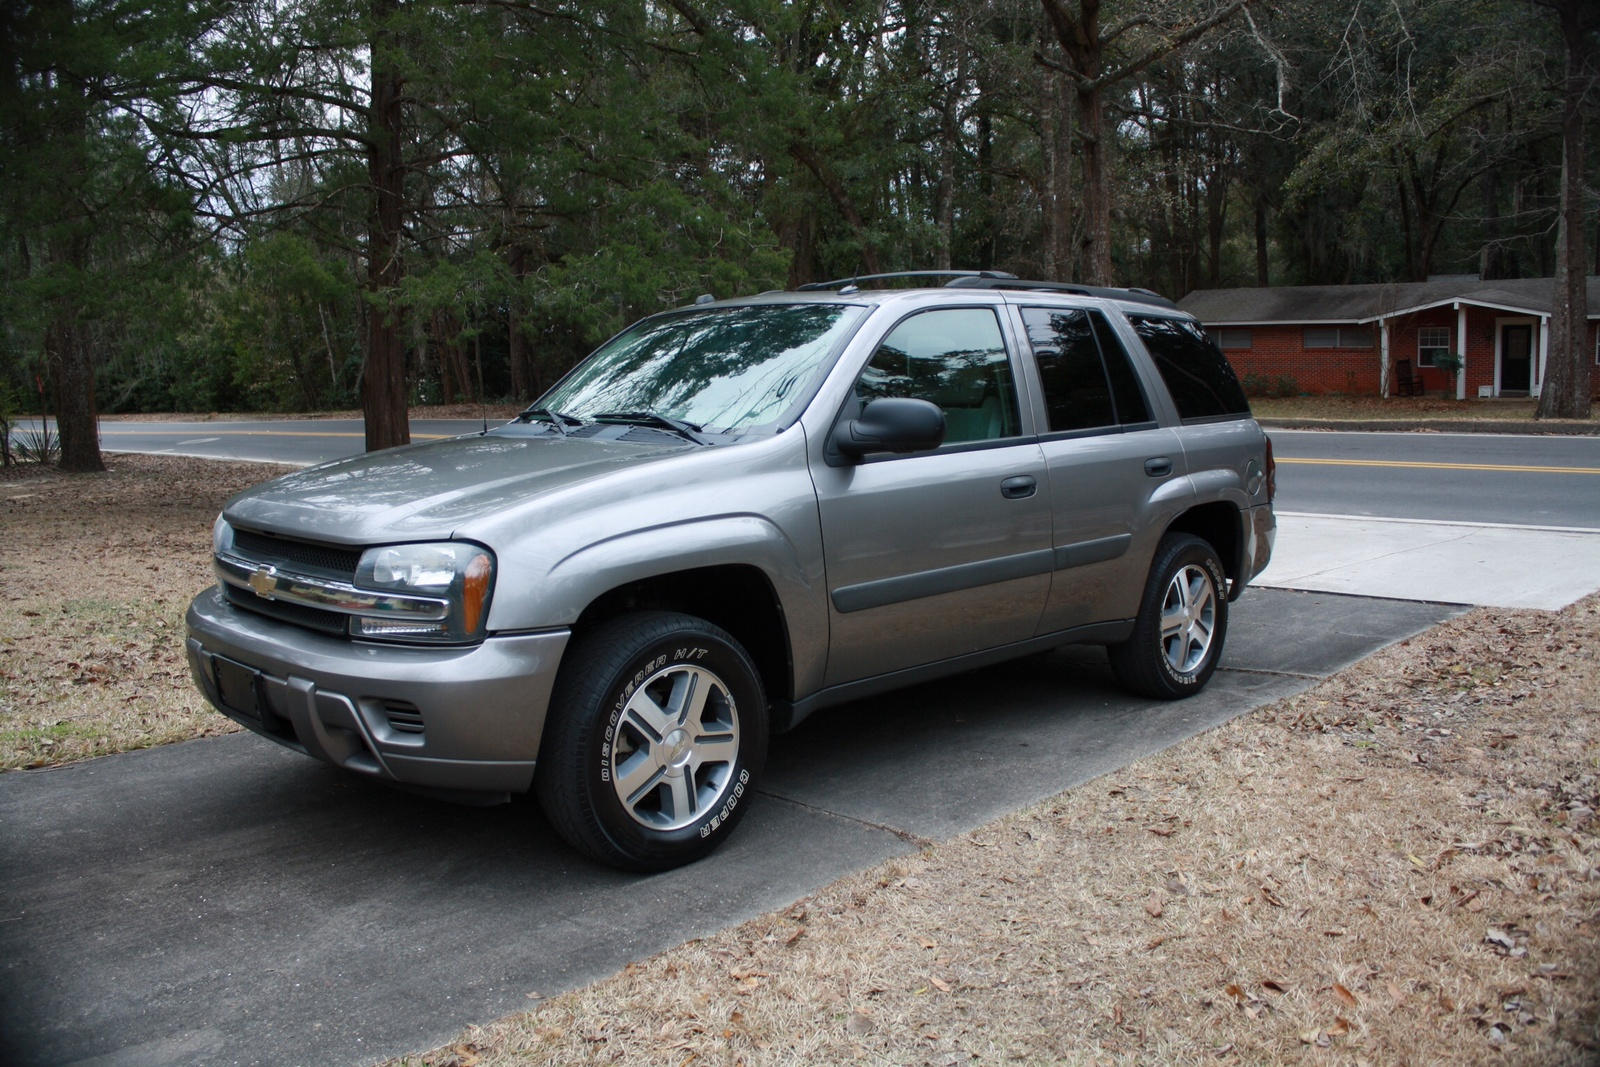 2005 Chevrolet Trailblazer Pictures Cargurus